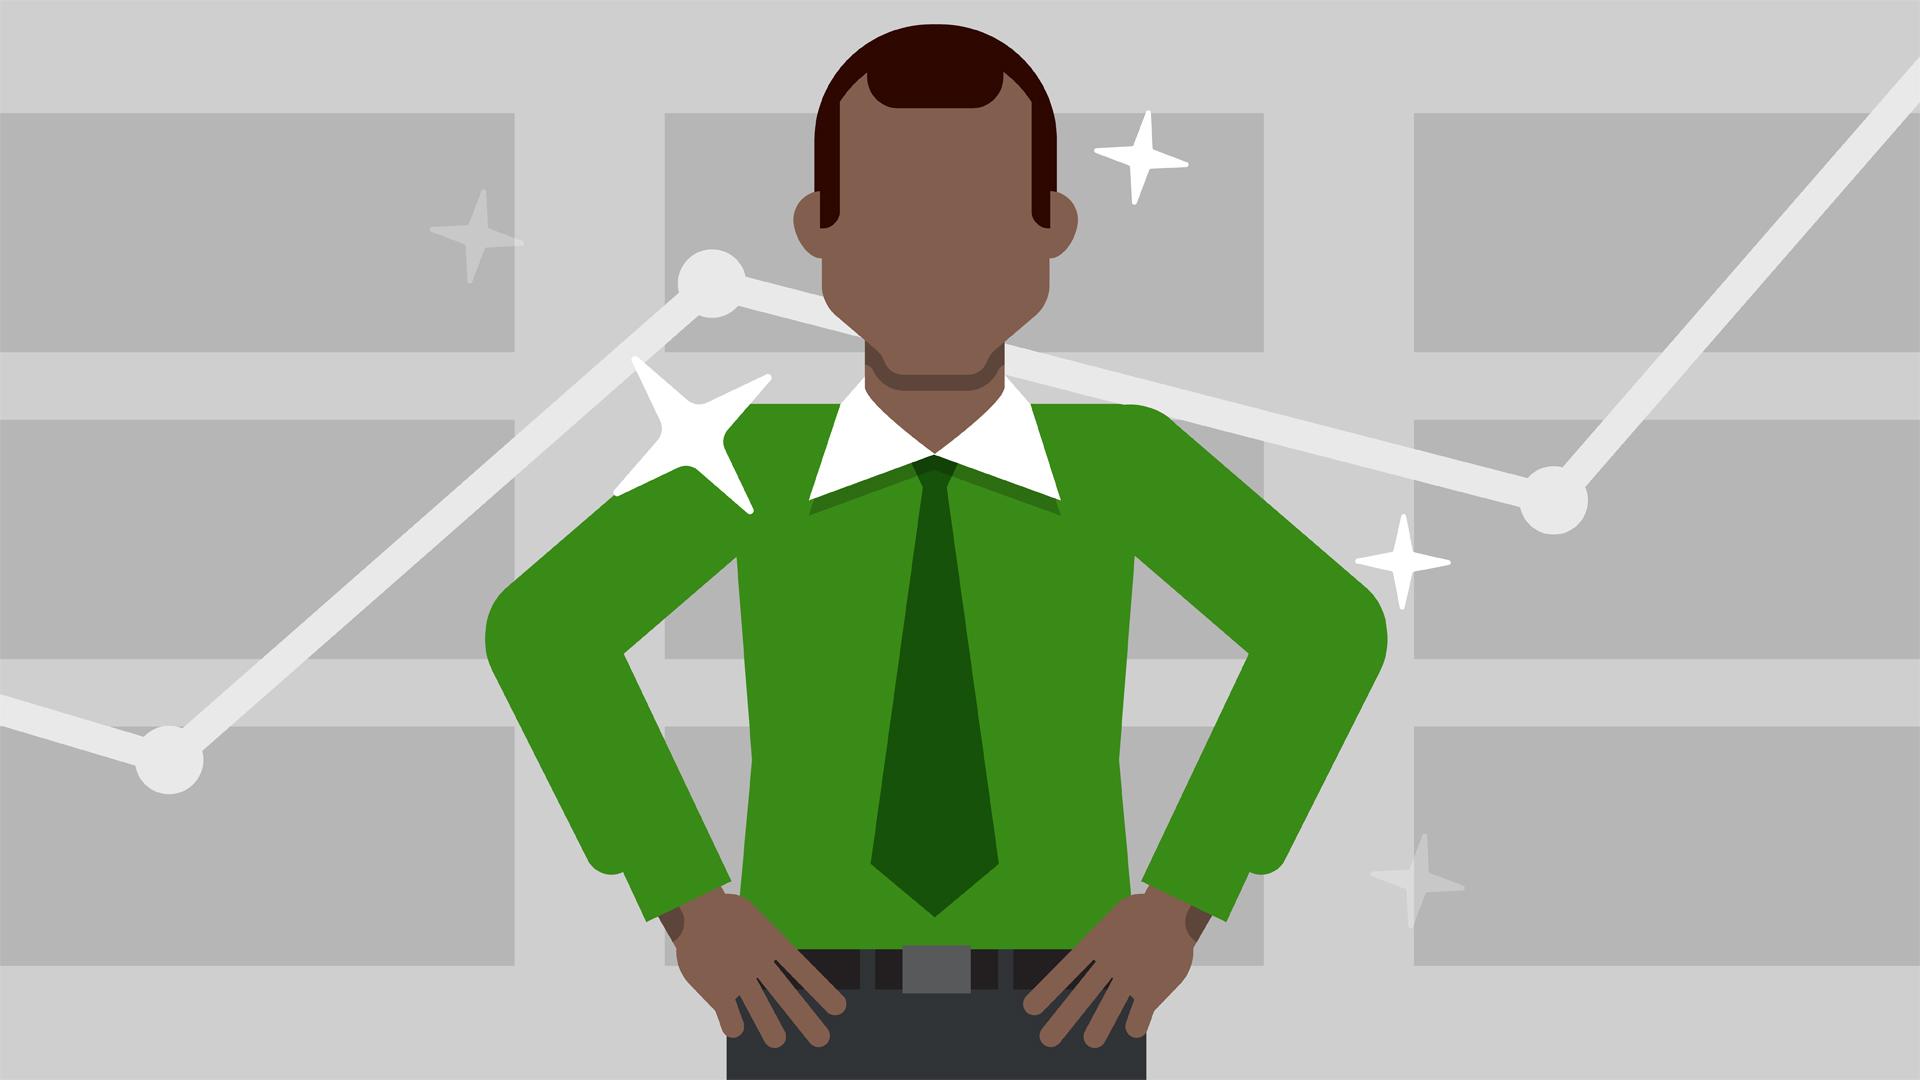 ۳ مهارت اصلی فروشندگان حرفه ای